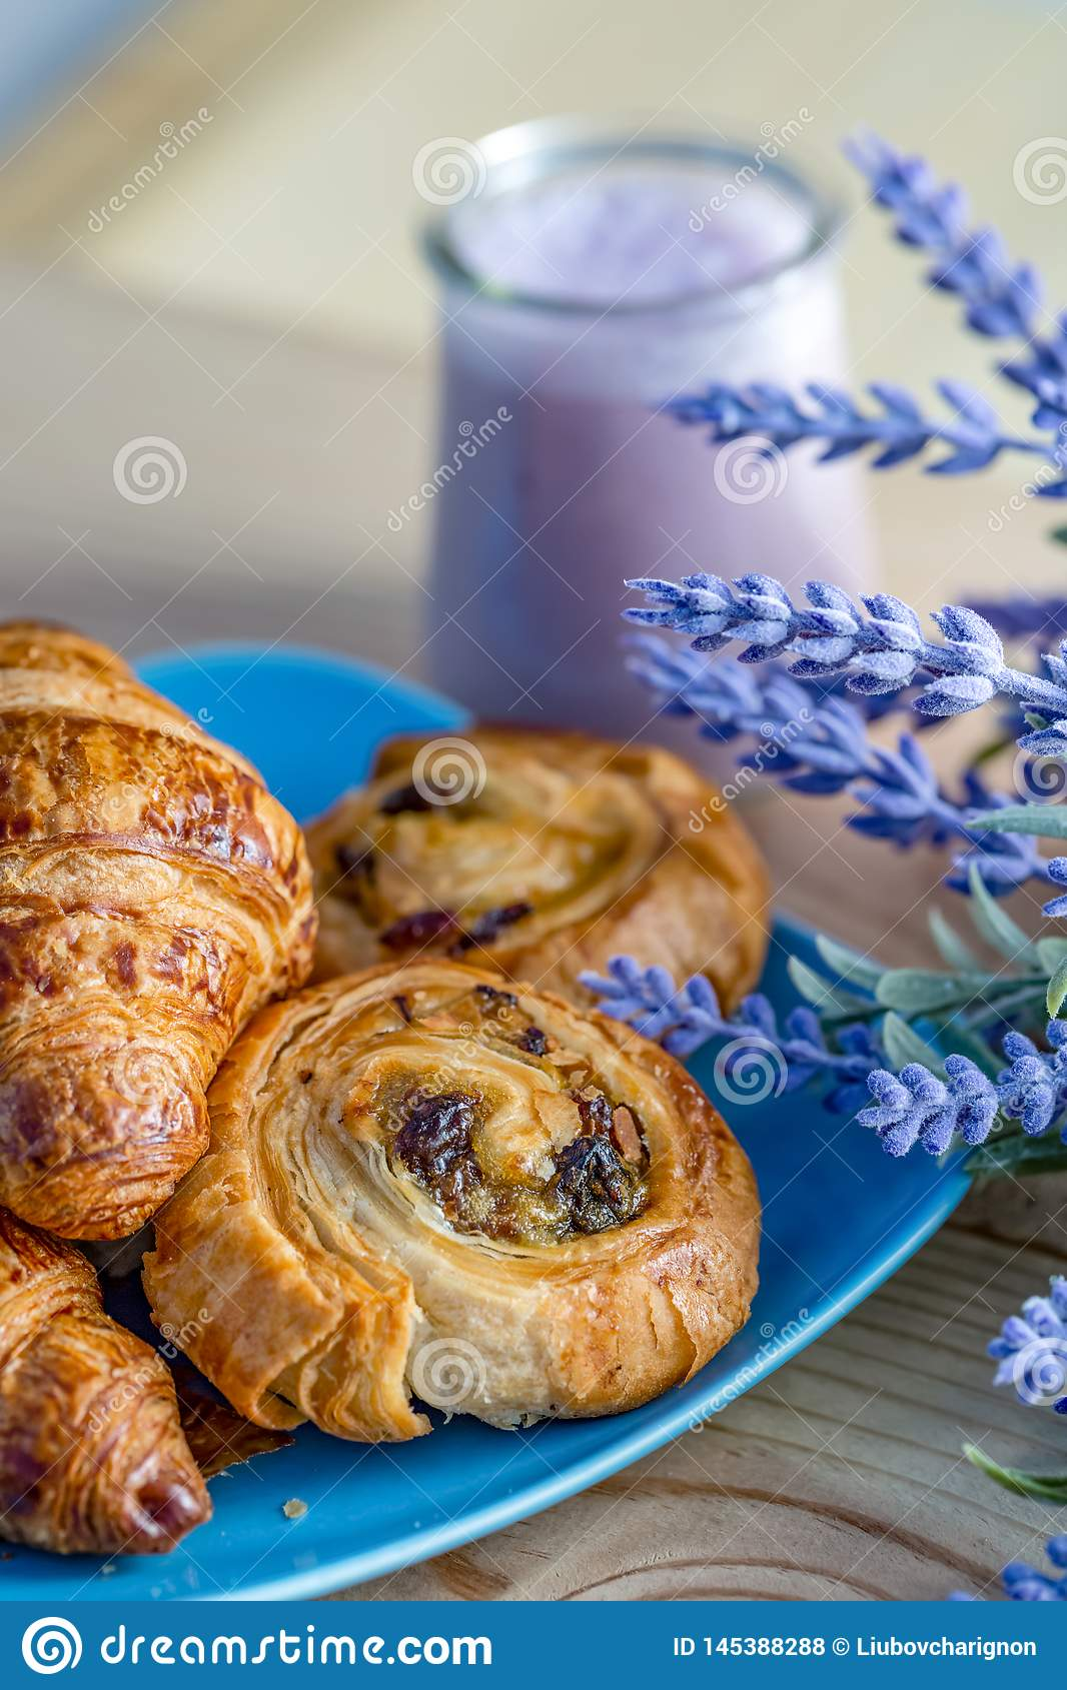 Croissant, bolos com passas em uma placa azul e iogurte de mirtilo no frasco de vidro